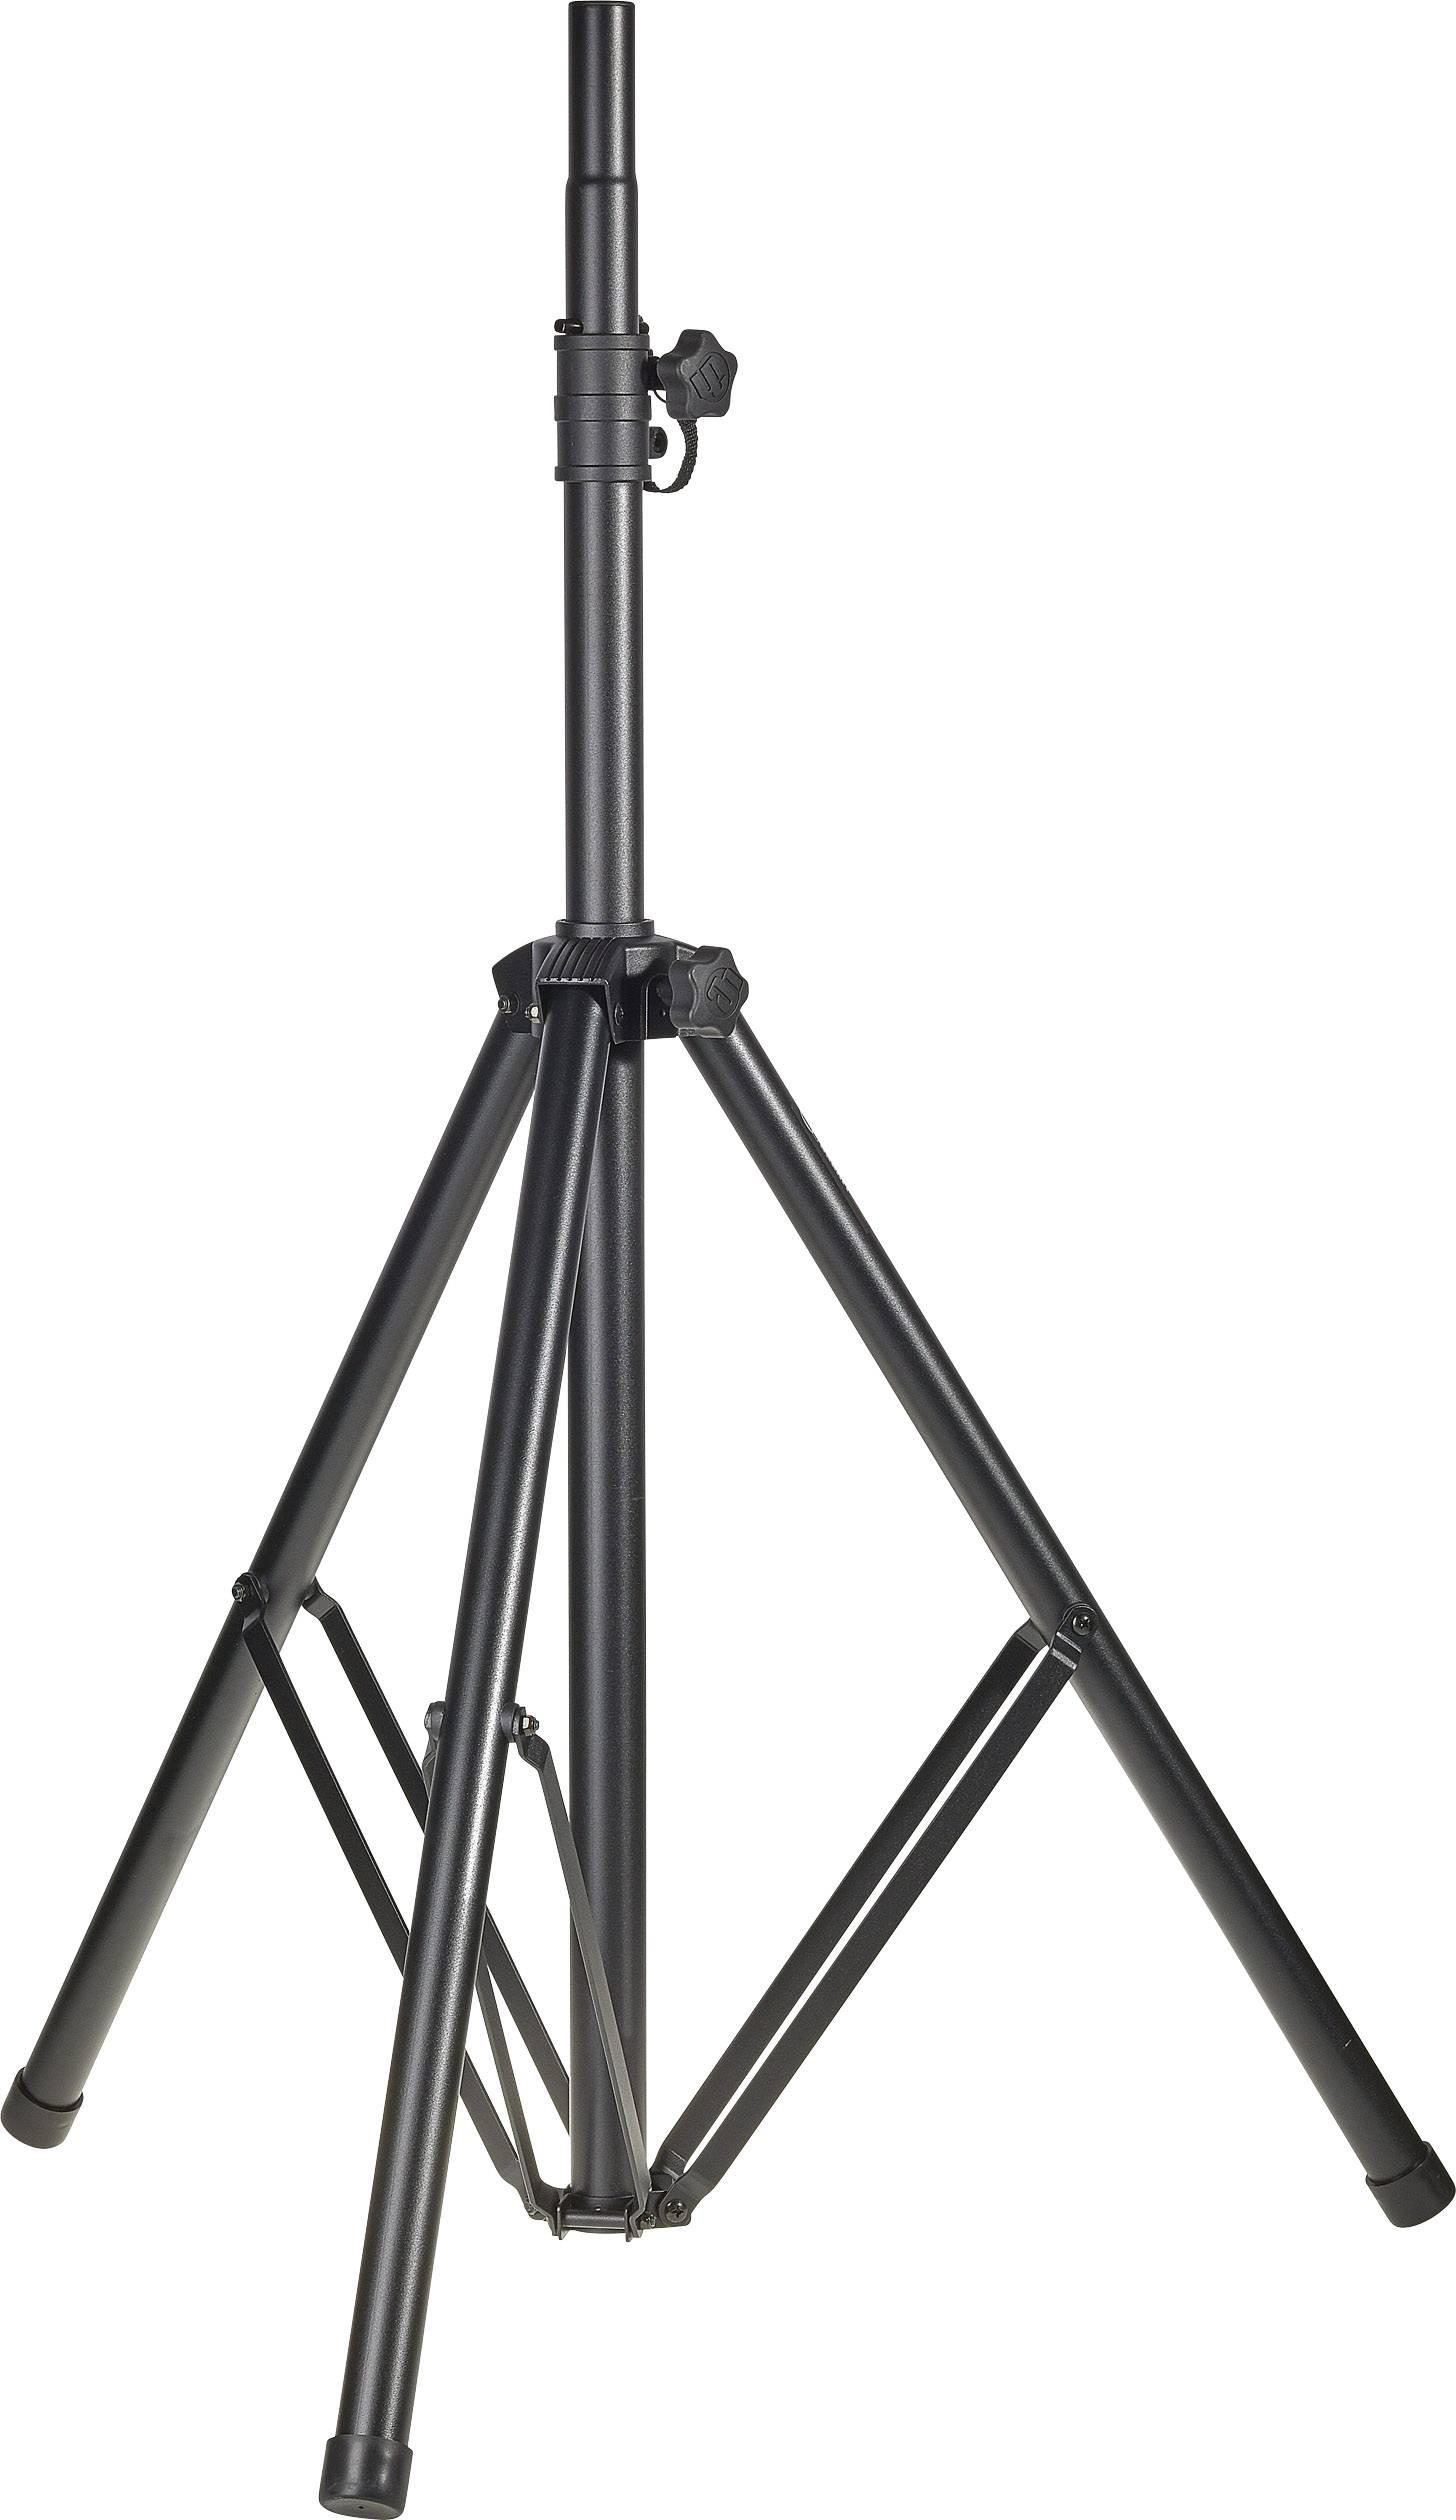 Kovový stojan na reproduktor Mc Crypt, 110 - 205 cm, nosnost 35 kg